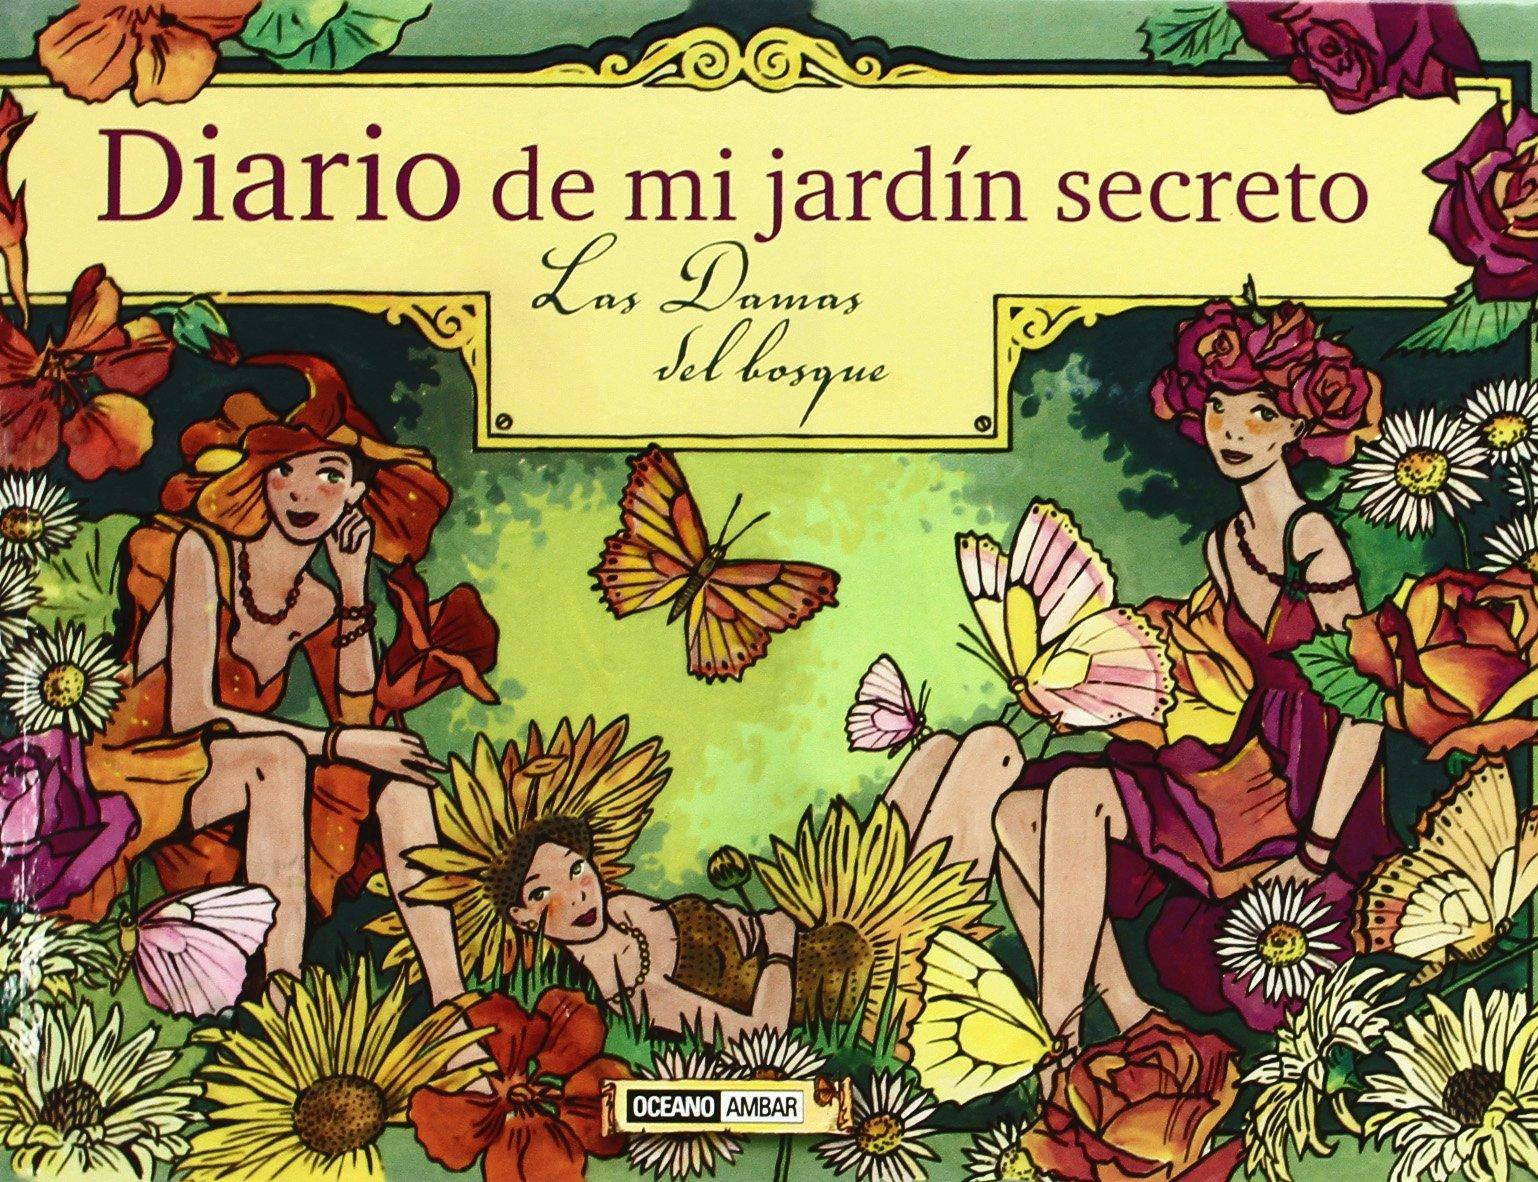 Diario de mi jardín secreto: Agenda de notas y secretos Ilustrados de Núria Arandes 12 dic 2009 Tapa blanda: Amazon.es: Libros